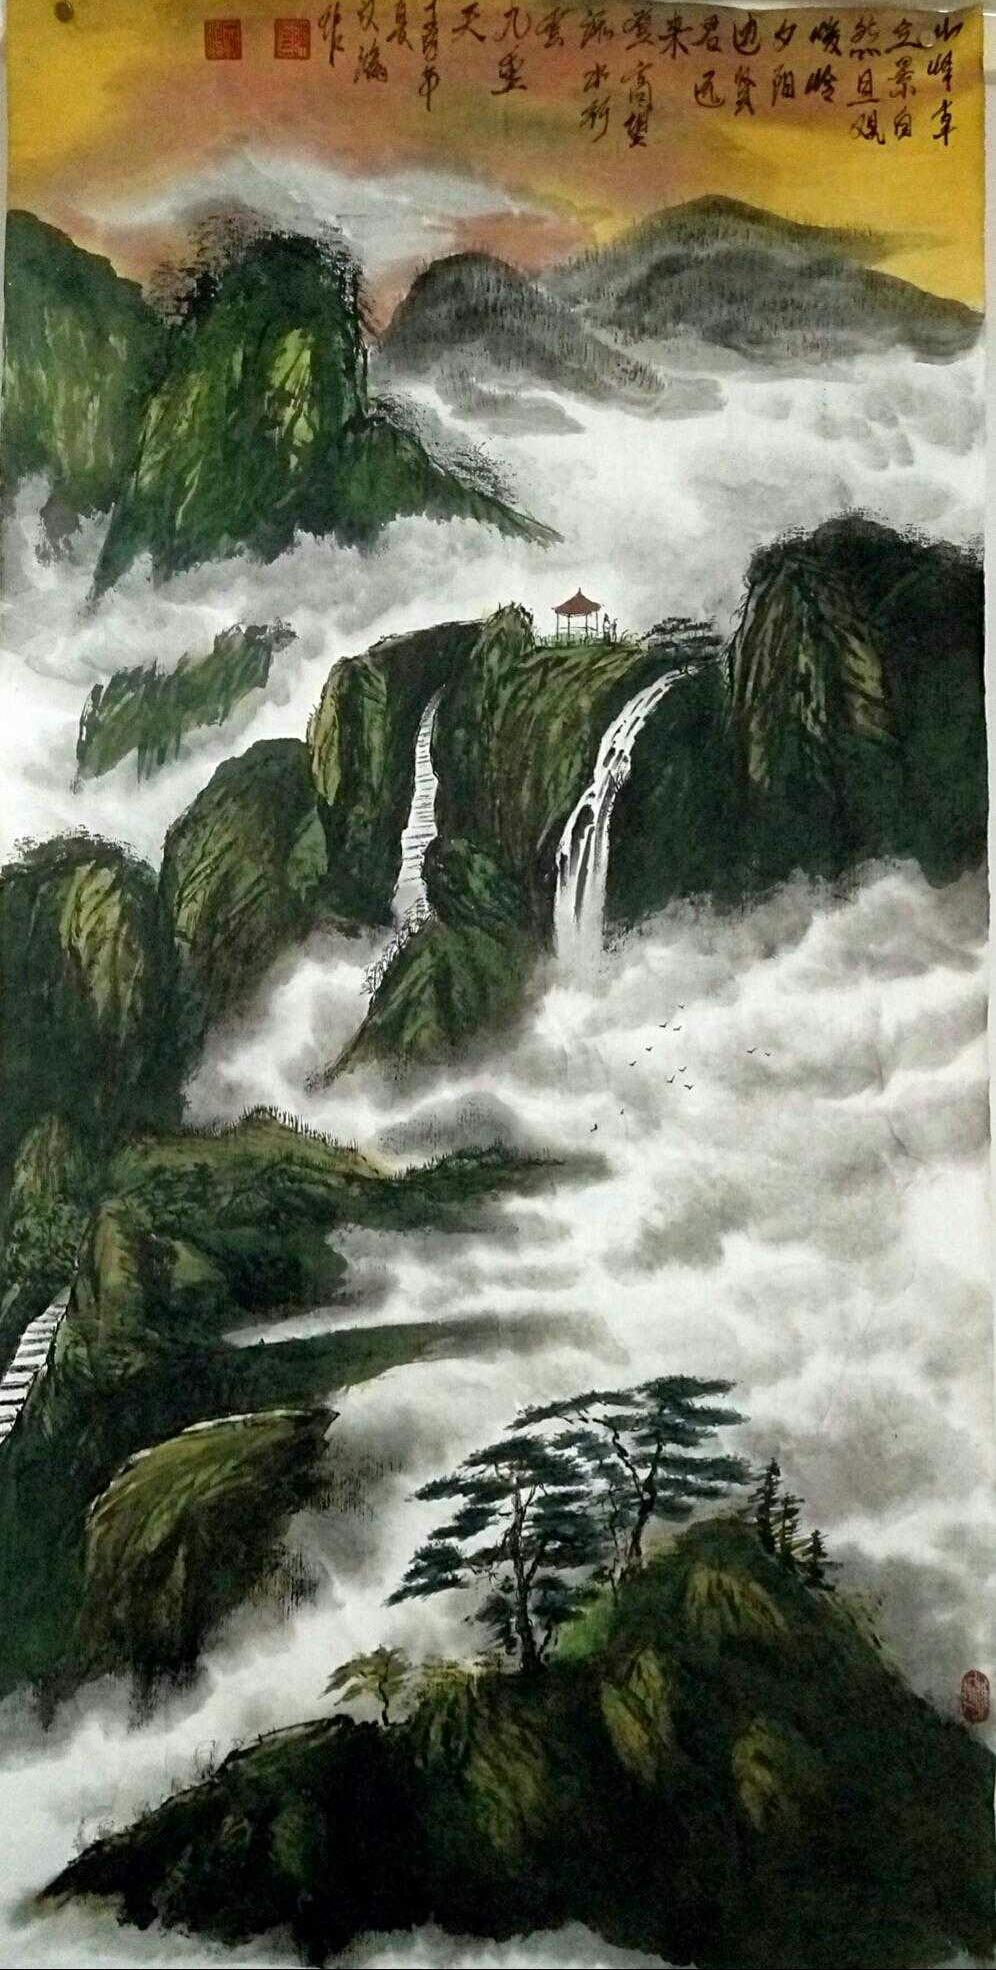 水墨画风景板书设计